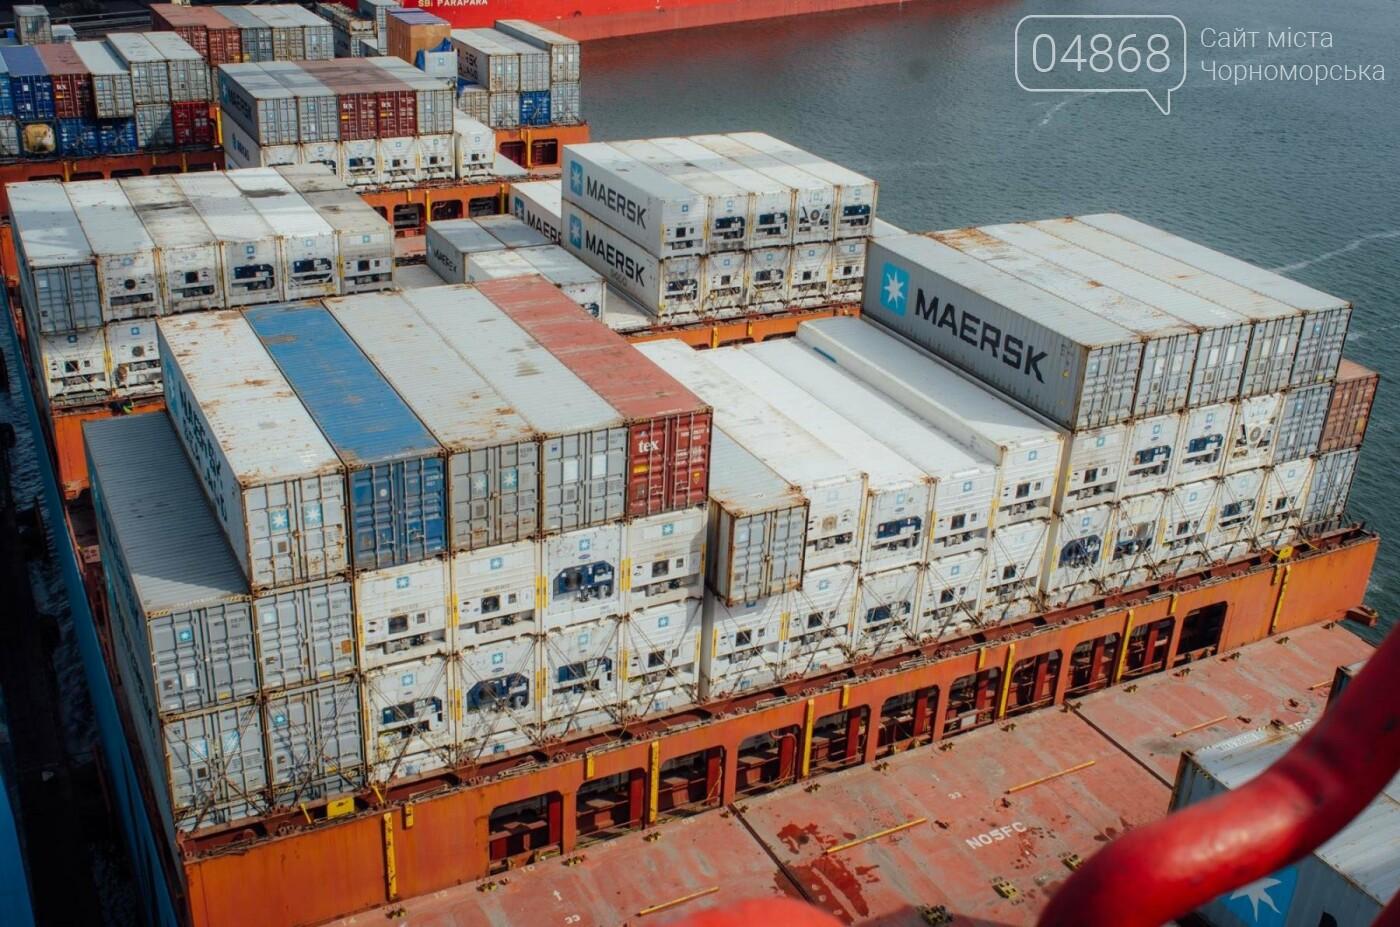 Контейнерный терминал ТИС принял первое судно нового сервиса Maersk, фото-4